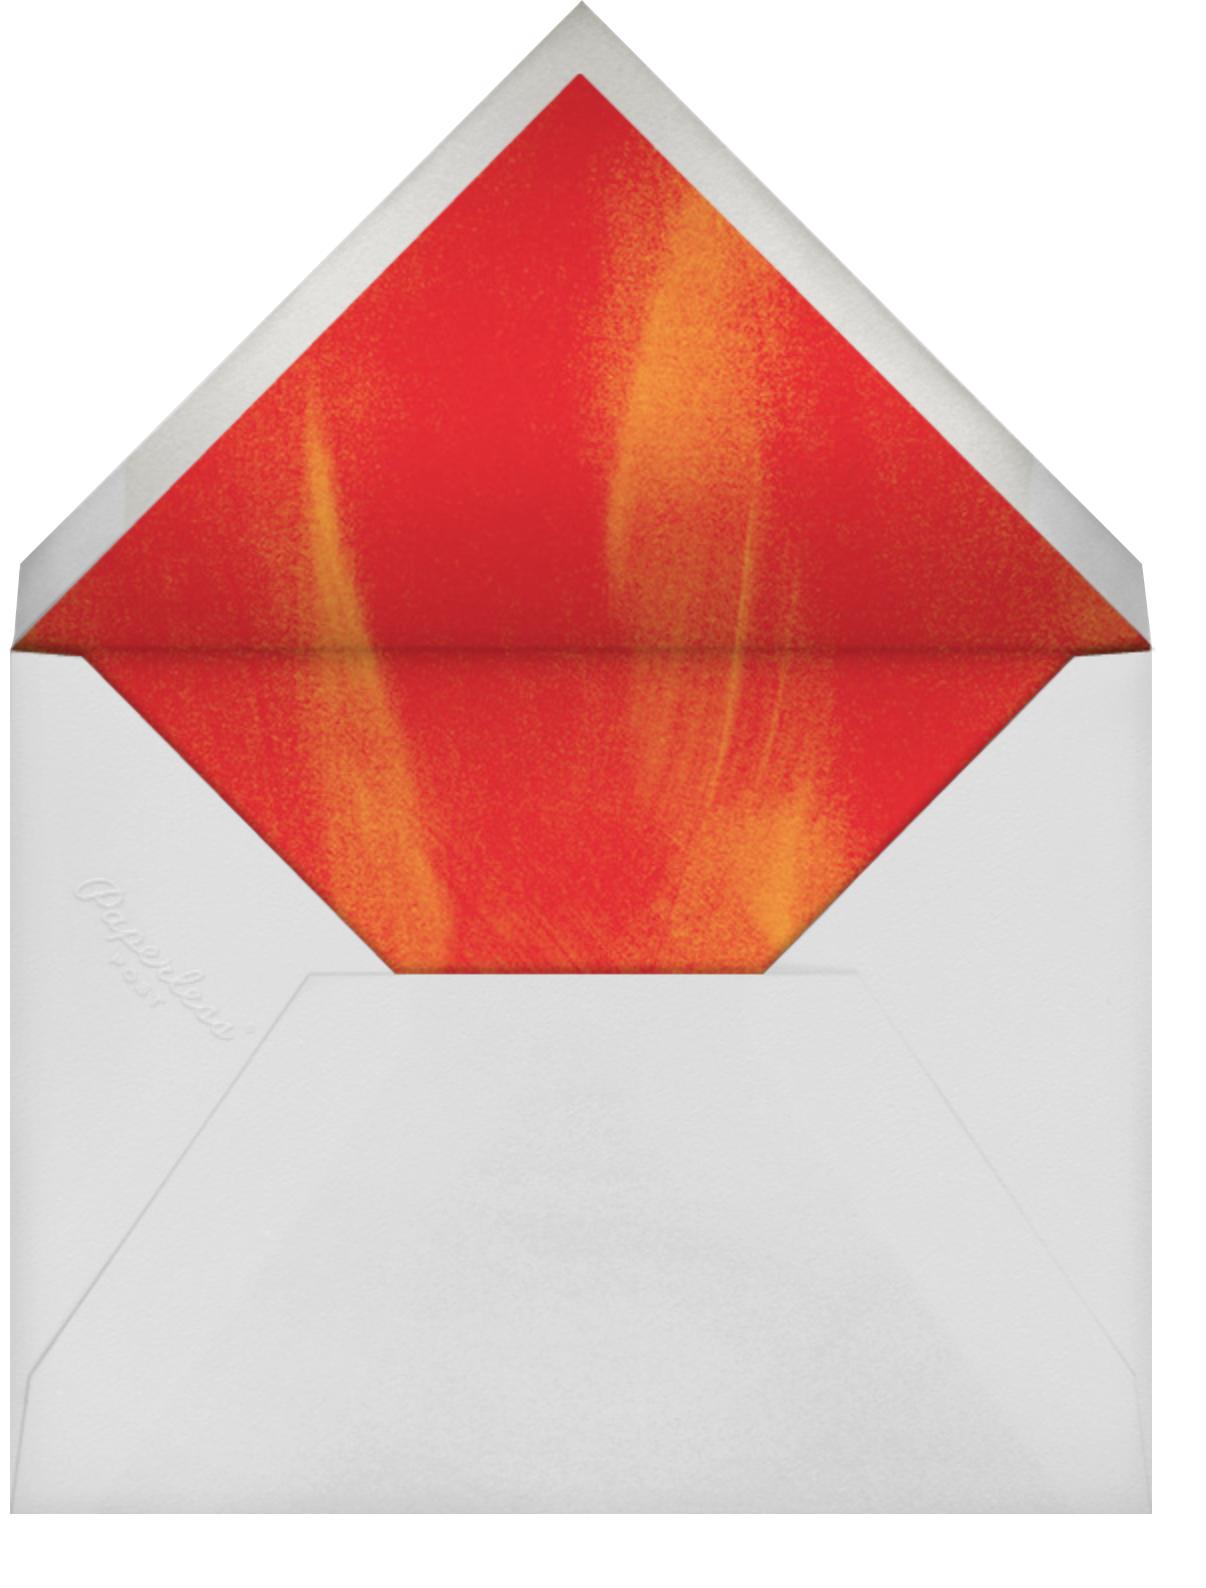 Falling Leaves - Paperless Post - Autumn entertaining - envelope back